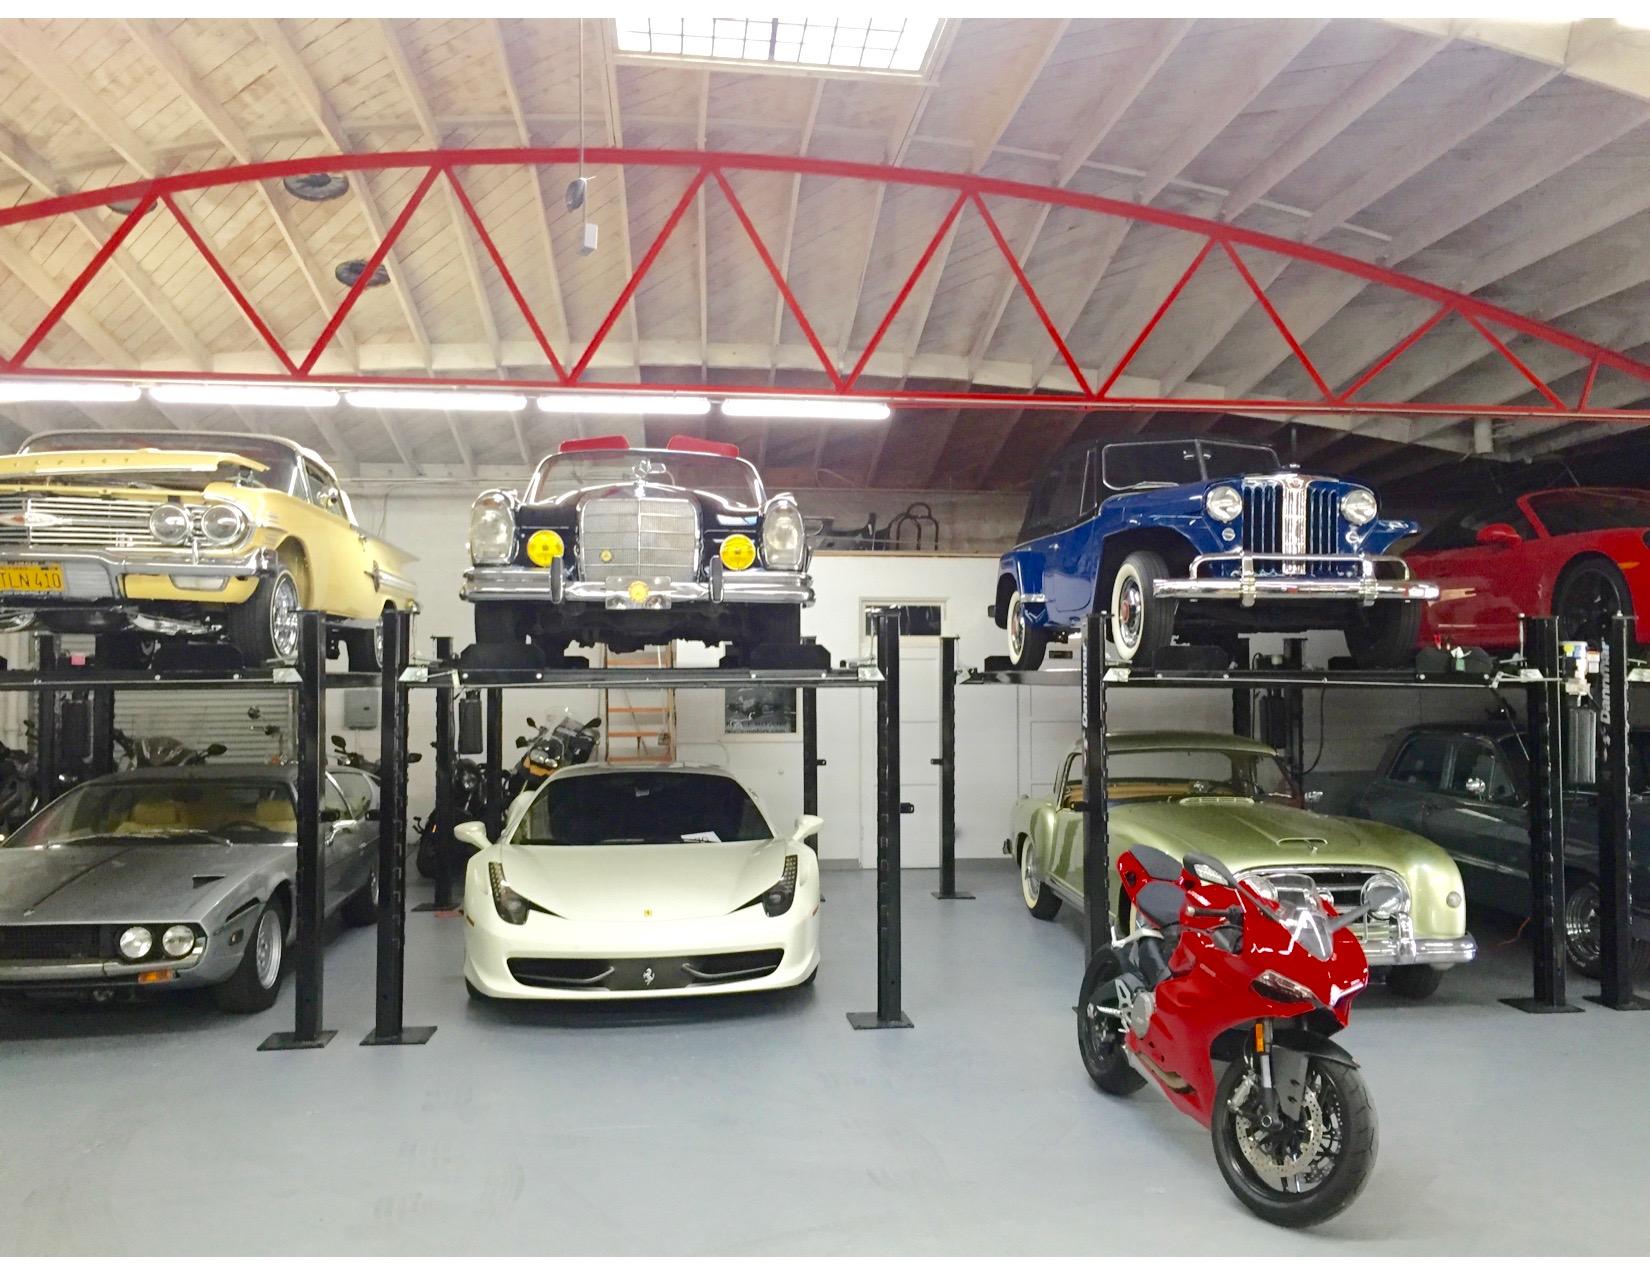 Motorized garage storage lift for garage also garage for Garage elevator lift